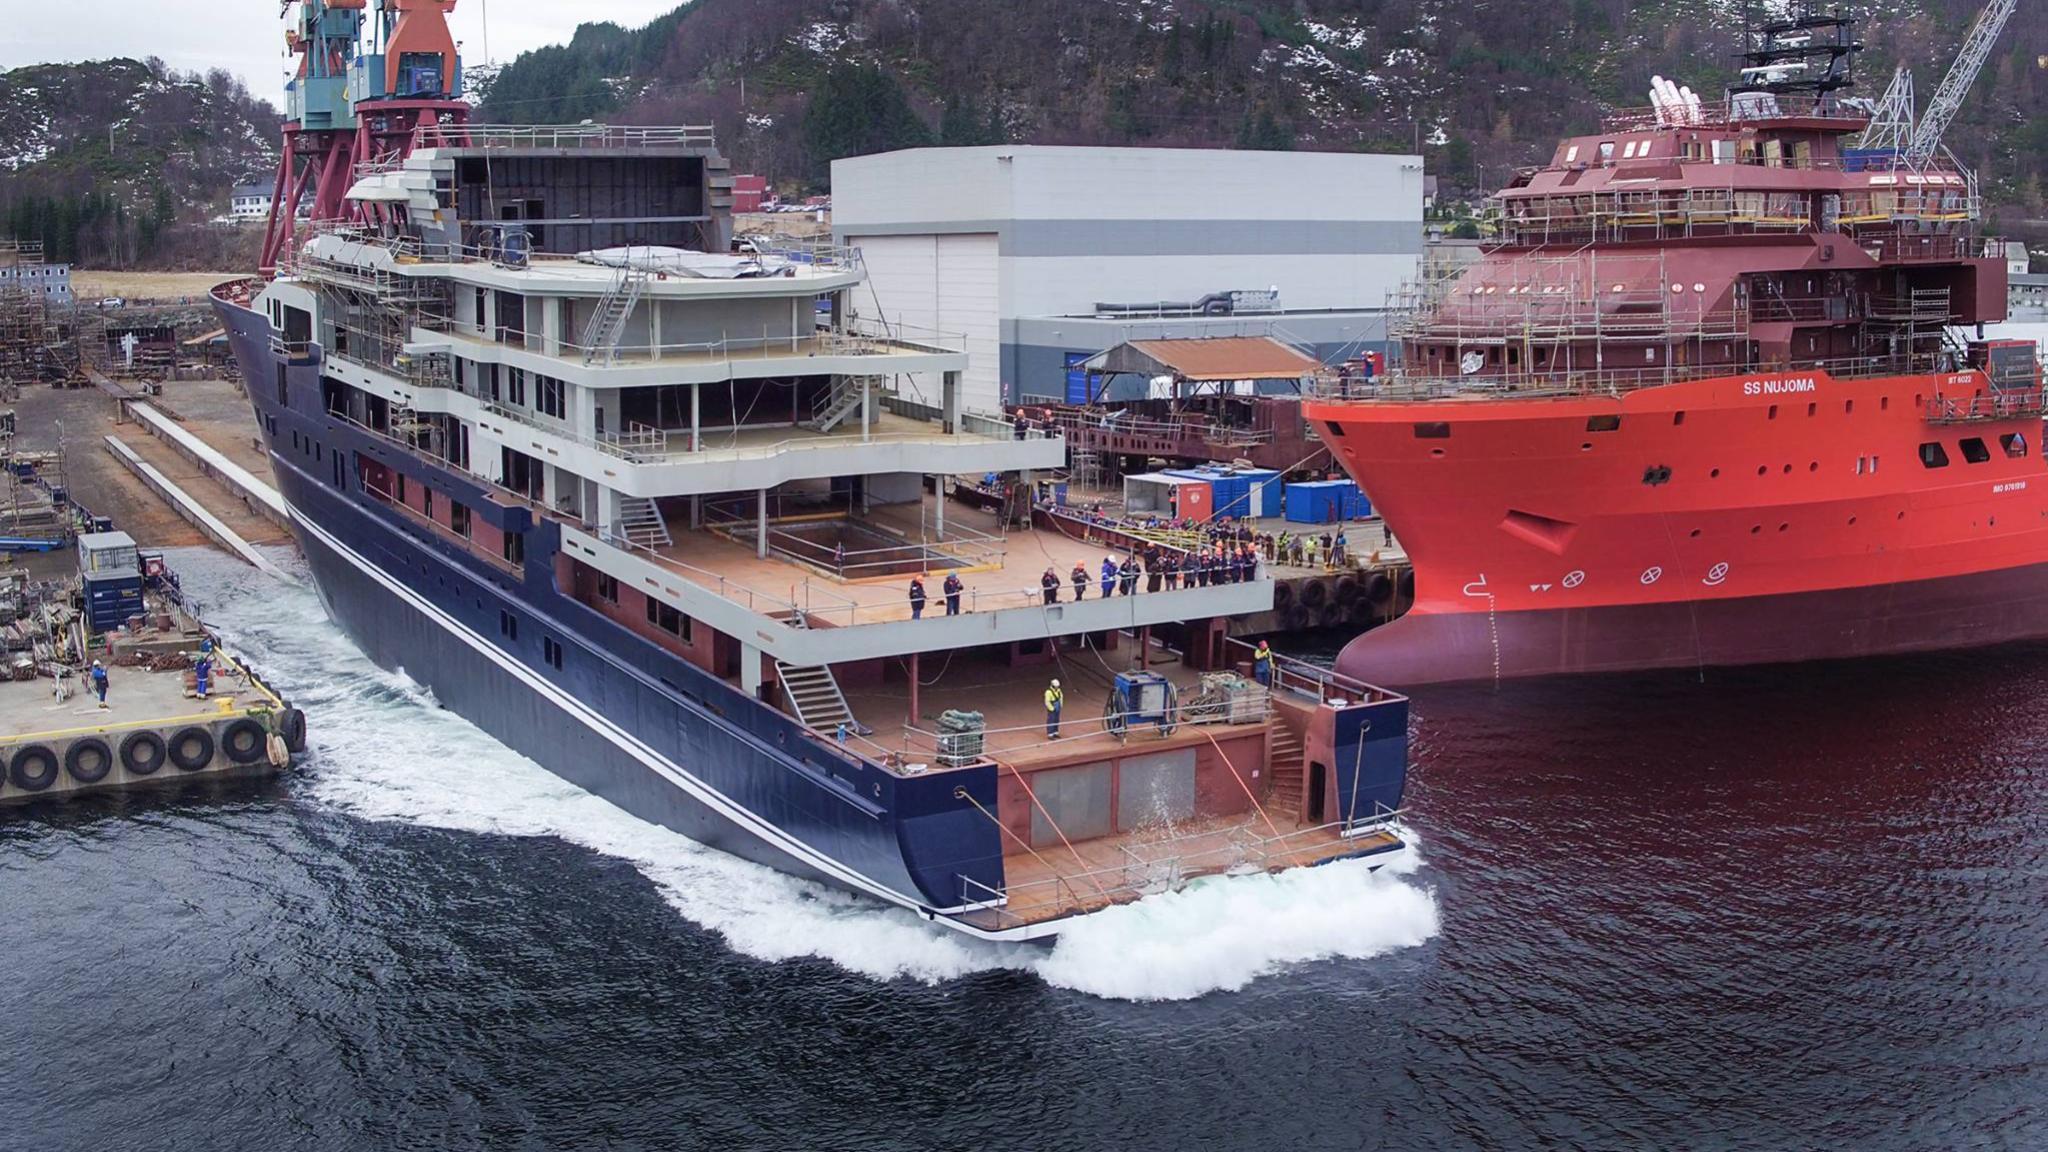 kleven-370-explorer-yacht-2016-116m-rear